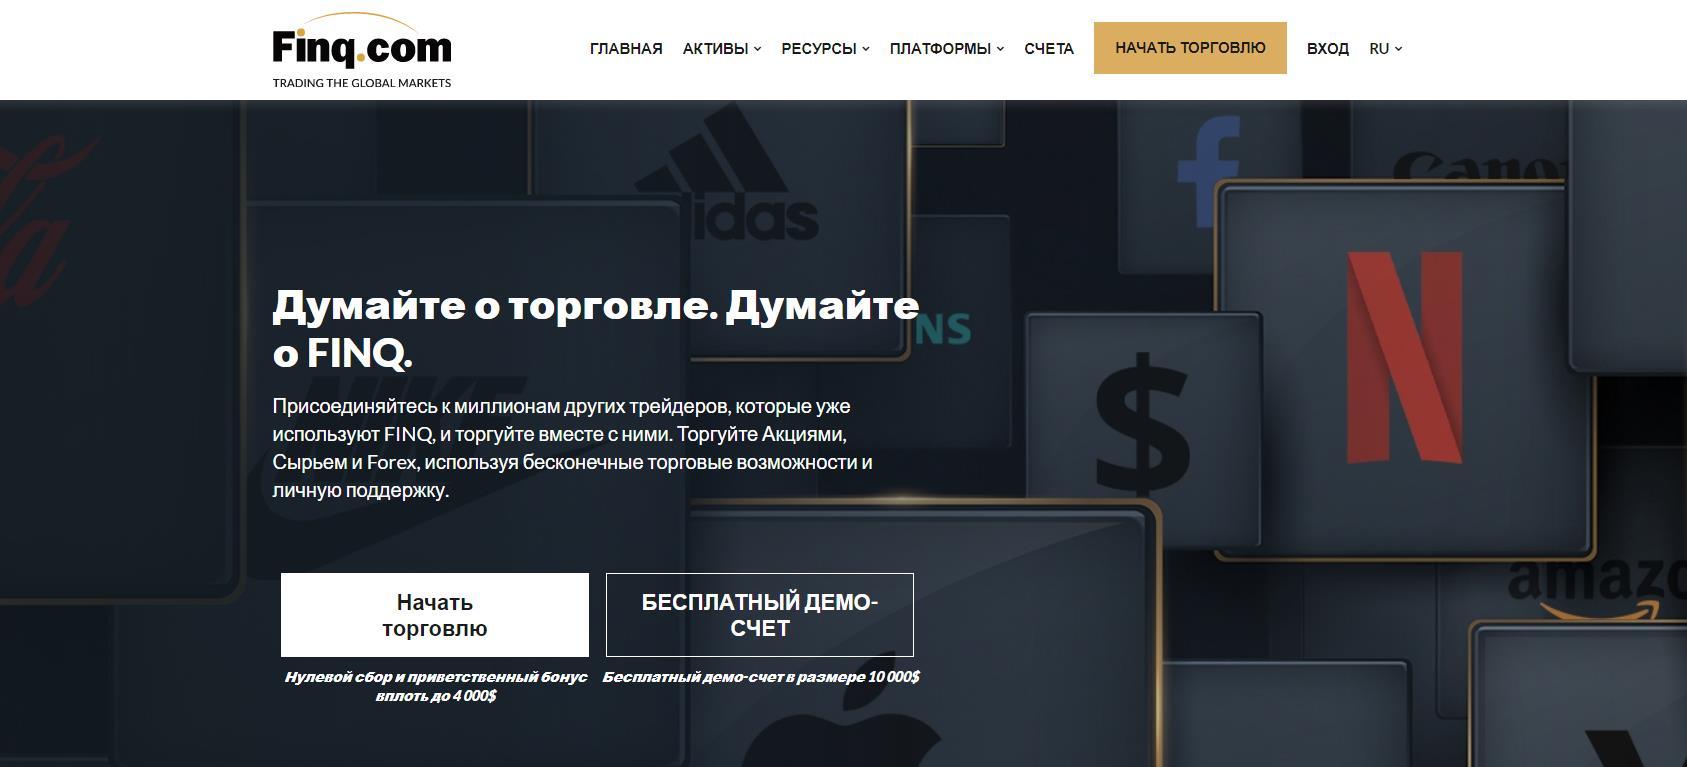 официальный сайт finq.com